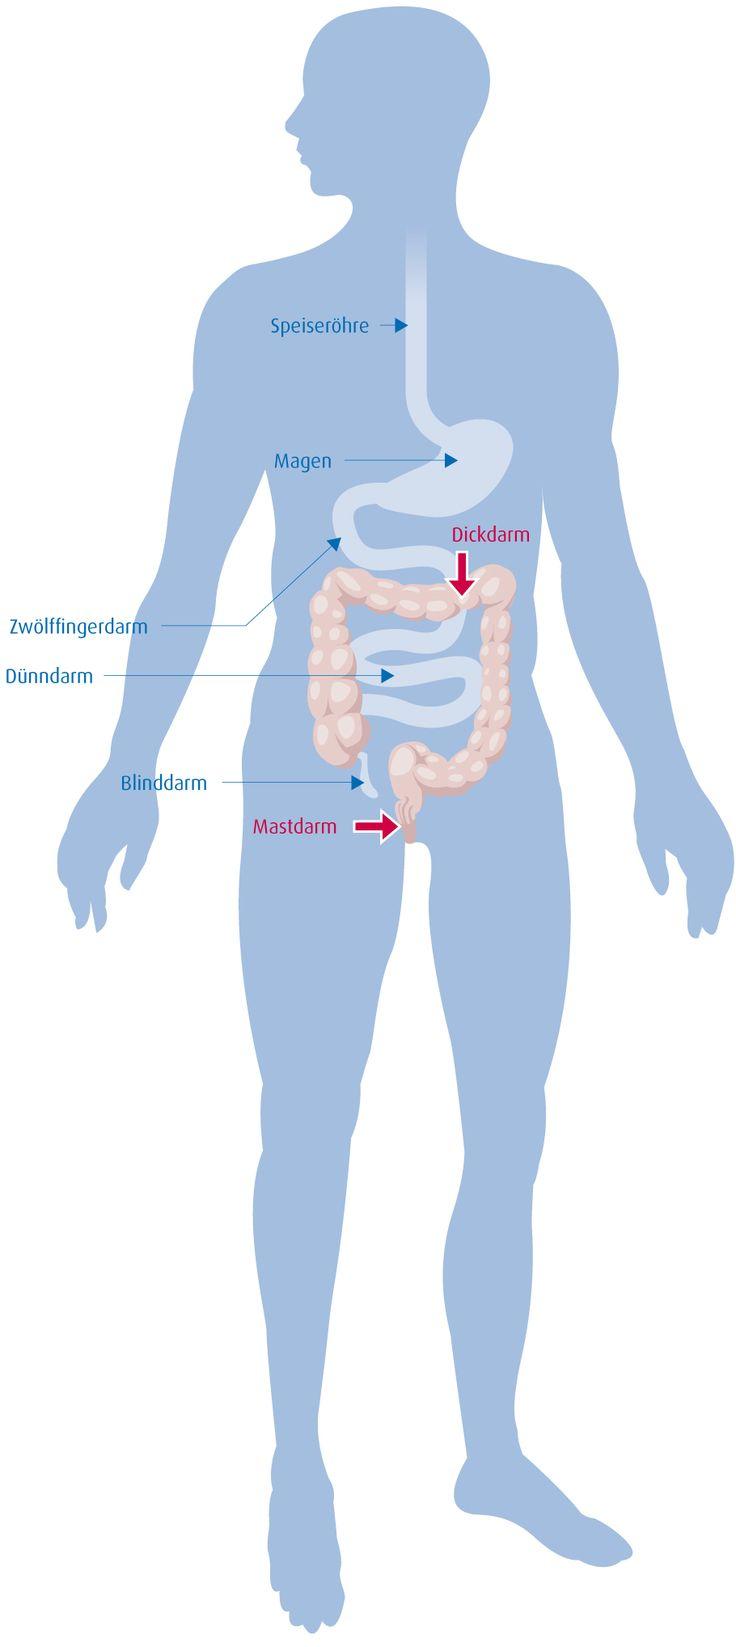 Sie haben es sicher schon oft verspürt: Immer wenn Sie im Job unter Druck geraten, verkrampfen Magen und Darm. Der Magen-Darm-Trakt ist ein sehr sensibles Organsystem und reagiert schnell und gereizt, wenn der Körper unter Strom steht. Das geschieht, wenn Stresshormone wie Cortisol und Adrenalin ausgeschüttet werden. Auch das Essverhalten verändert sich bei Stress. Viele Menschen greifen in Belastungssituationen verstärkt zu Speisen mit viel Zucker und Fett. (Quelle: Ortenau Klinikum)